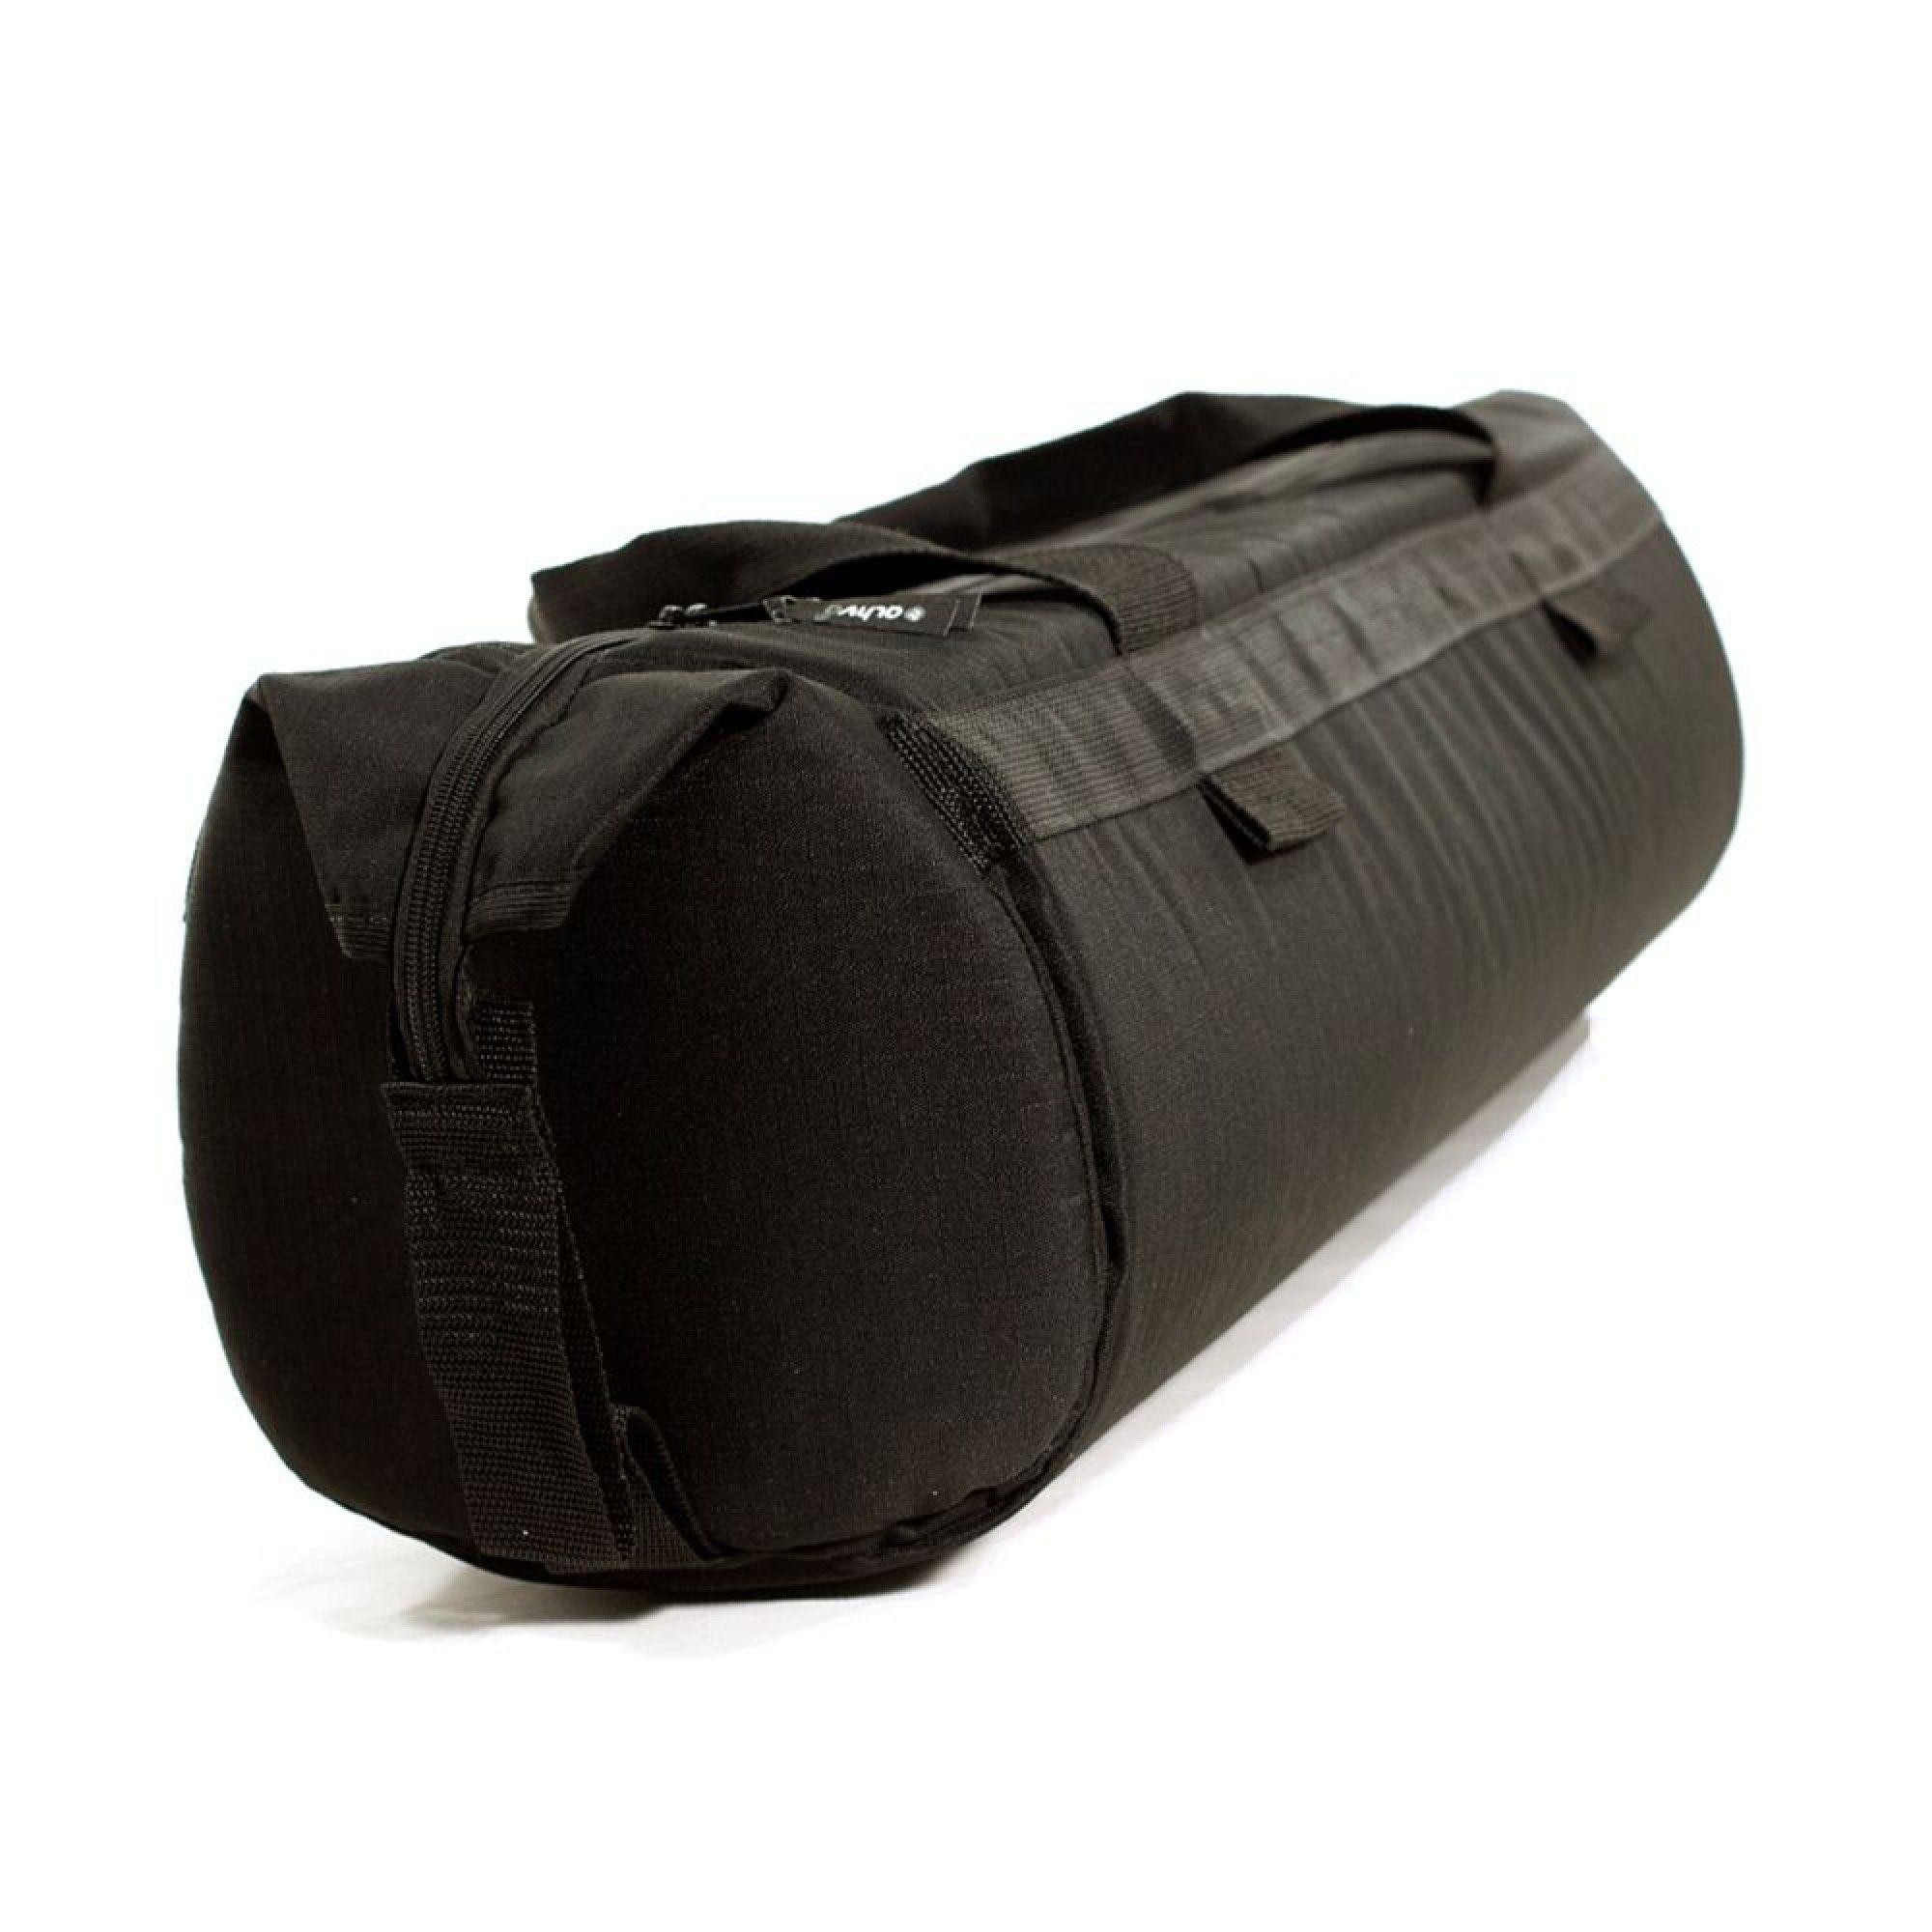 Capa Case Alhva 153cm Slim (mais fina) Bag de Tripé, Instrumento Musical, Telescópio Bolsa em Nylon c/ Espuma